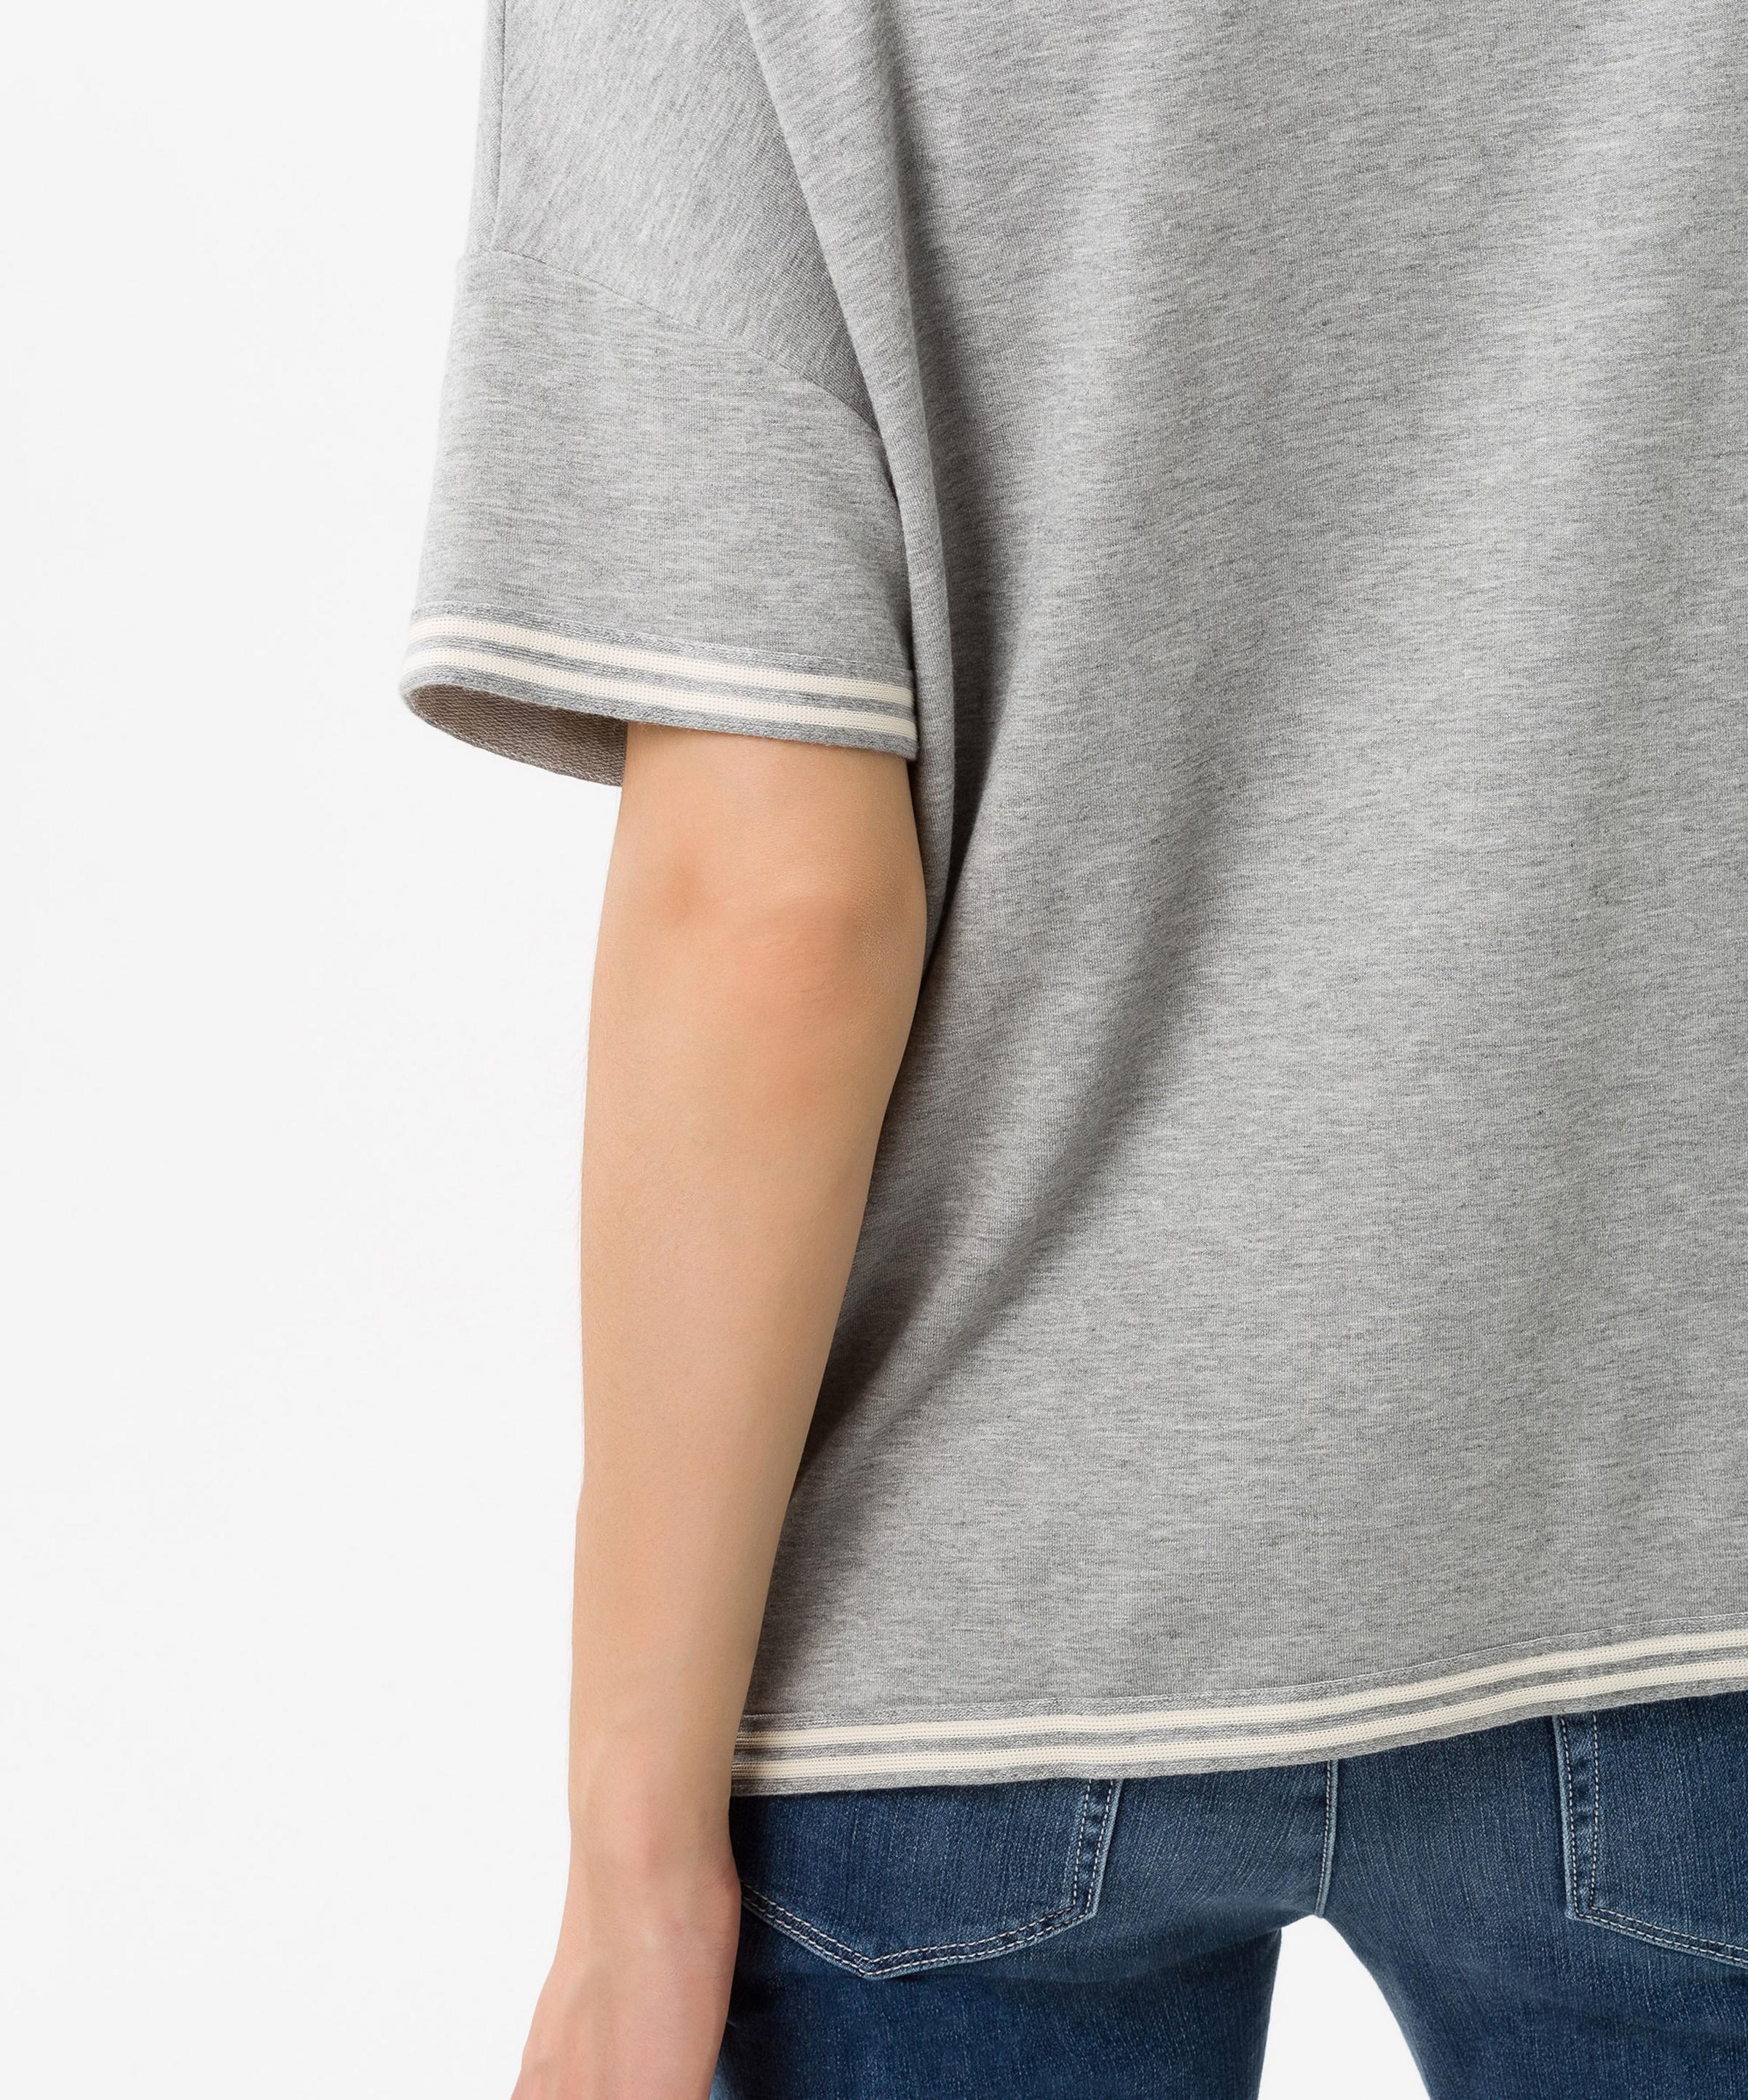 GraumeliertWeiß In In Brax GraumeliertWeiß Brax Shirt Brax Shirt 3jARL45